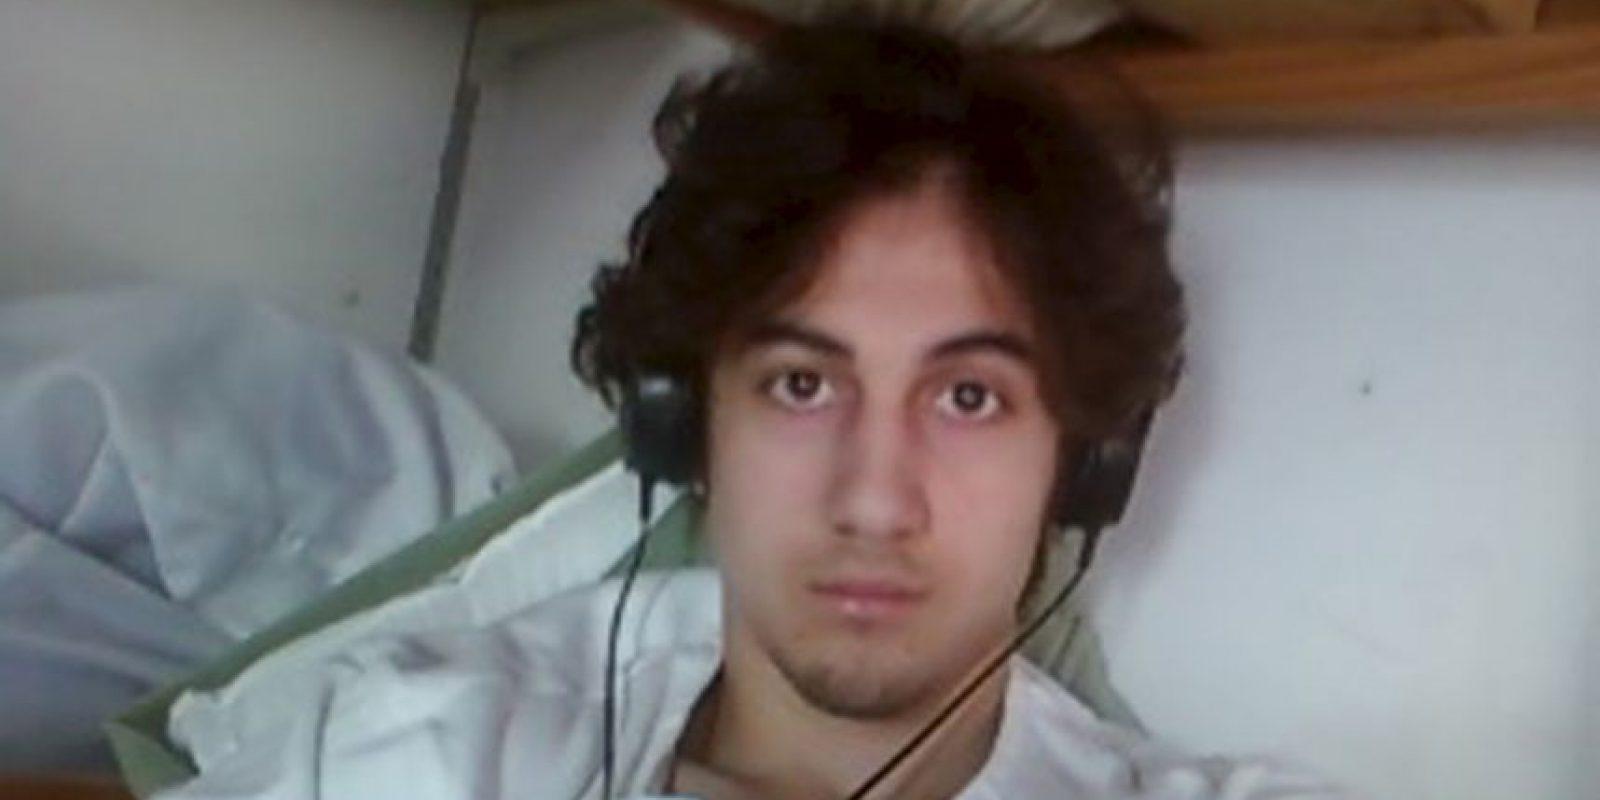 La sentencia formal para Tsarnaev se fijó el día de hoy Foto:AFP